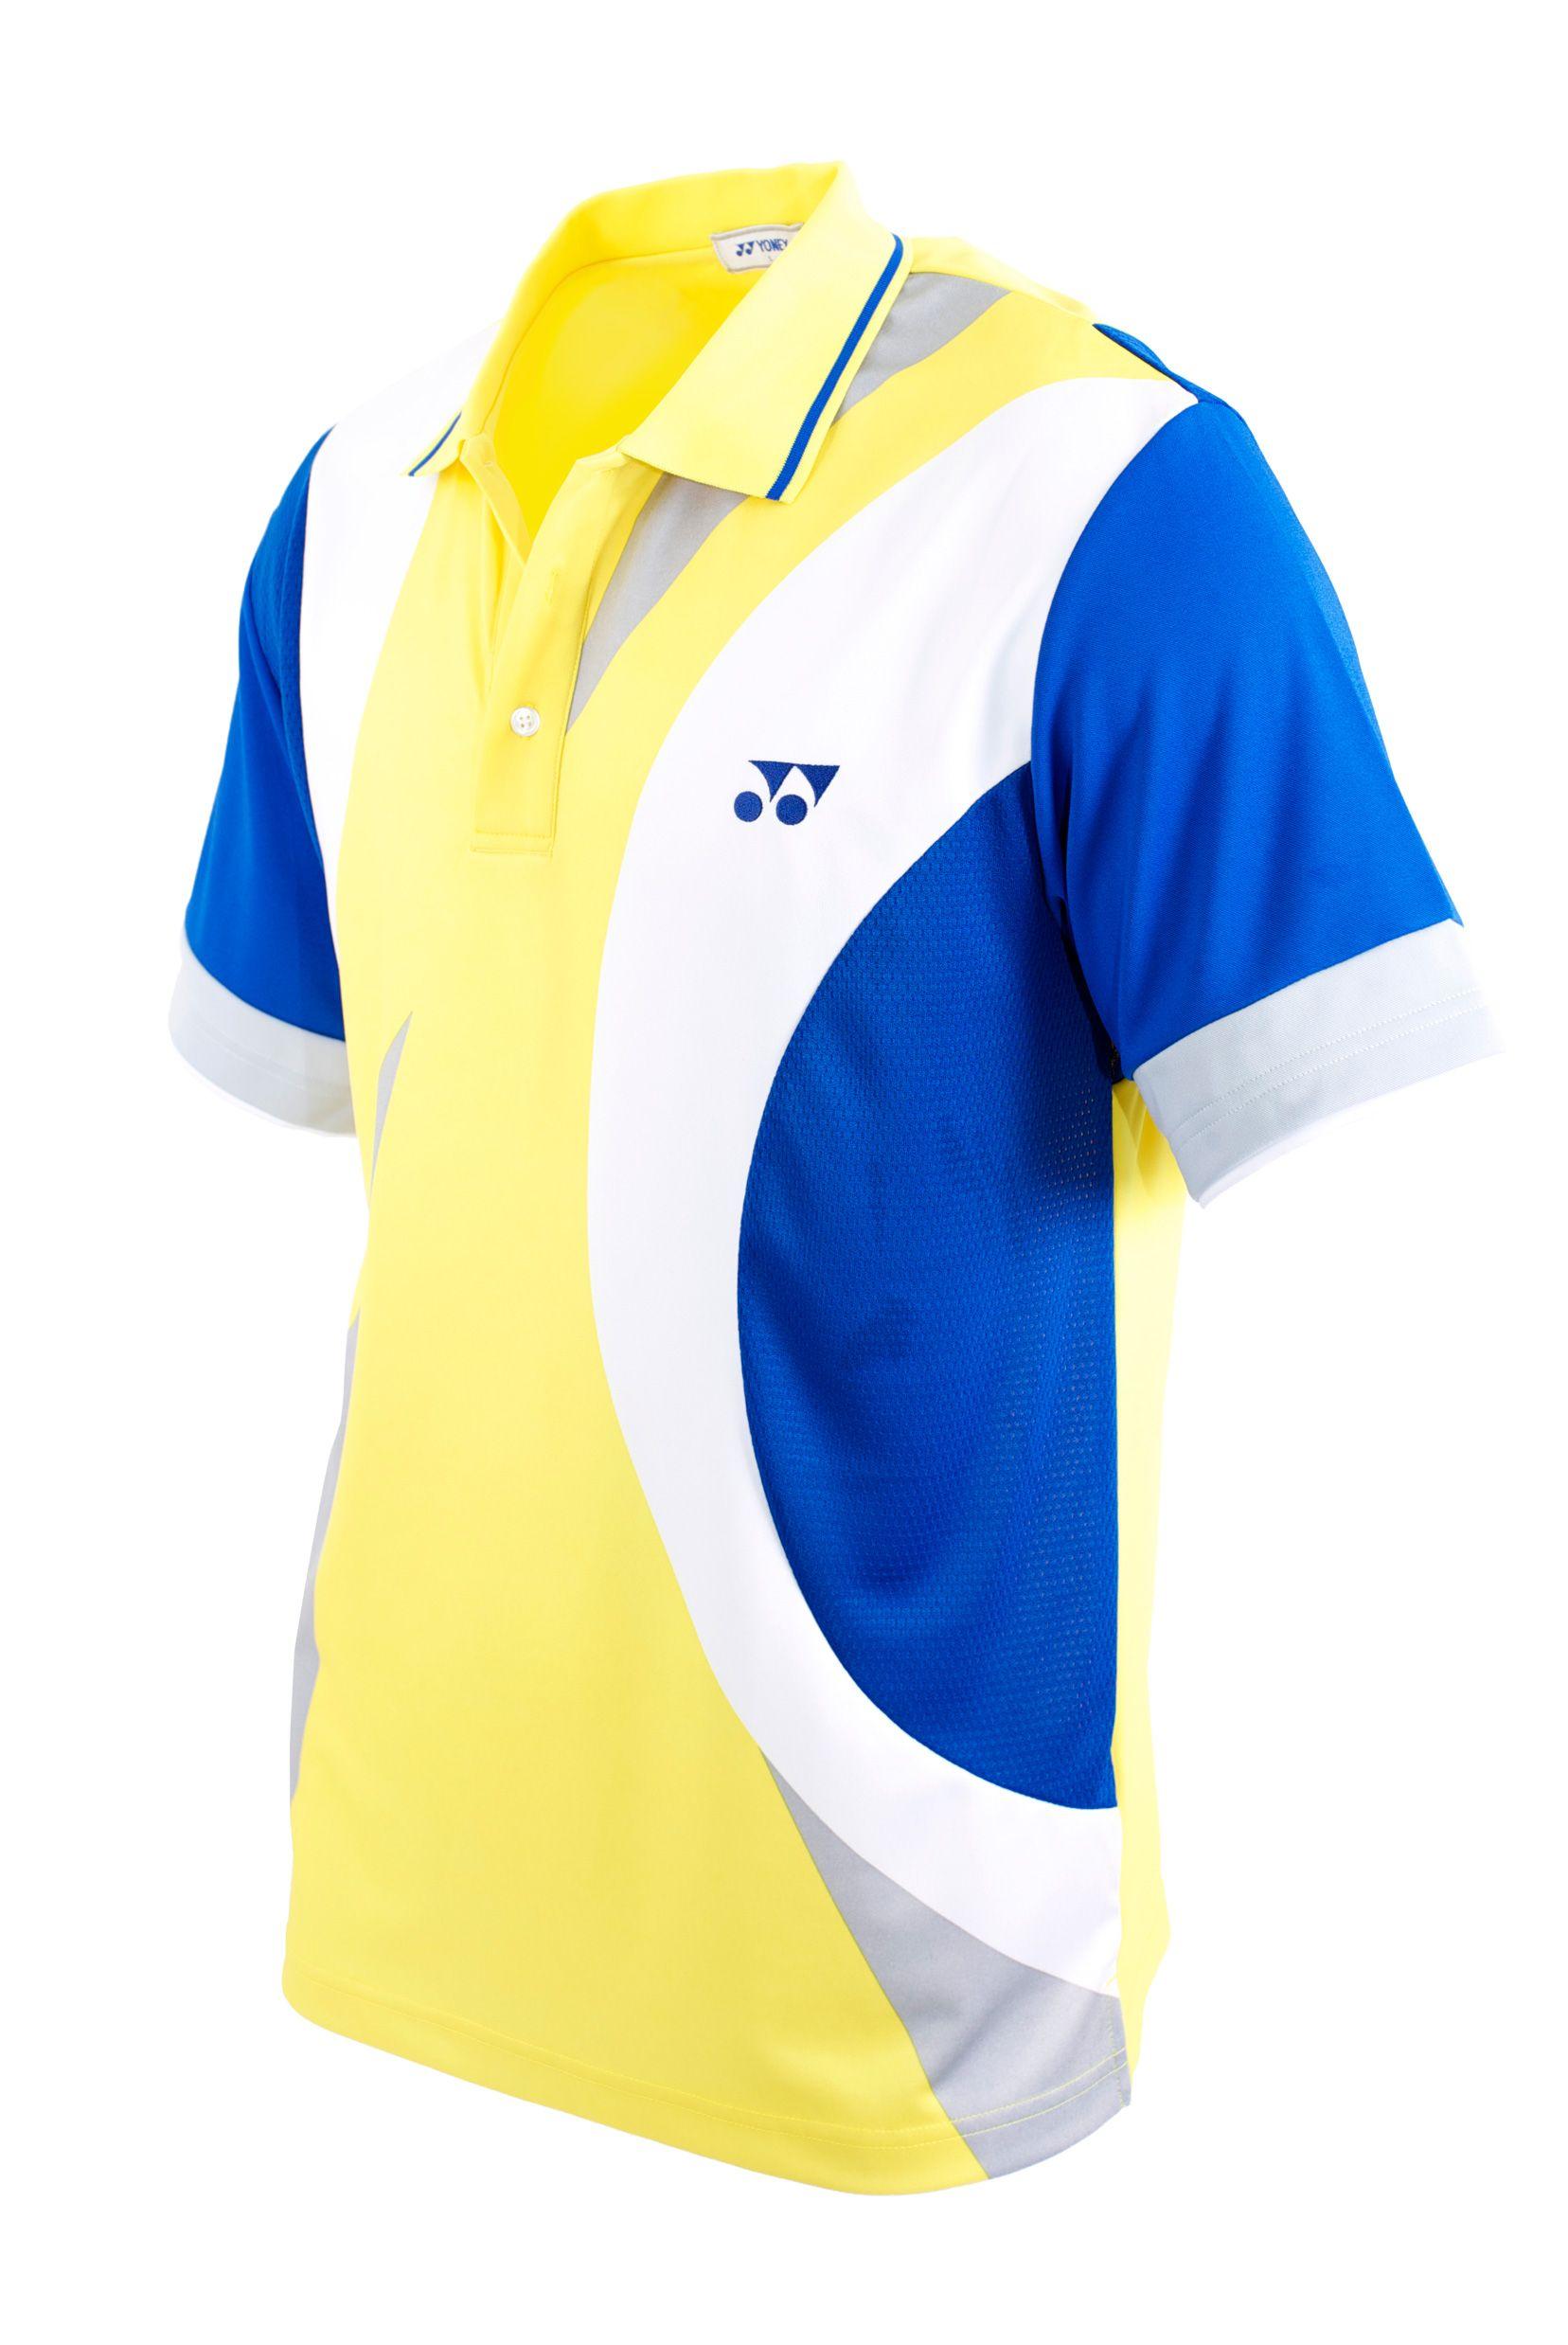 Yonex Target Polo Mens Top Mens tops, Tennis shop, Polo